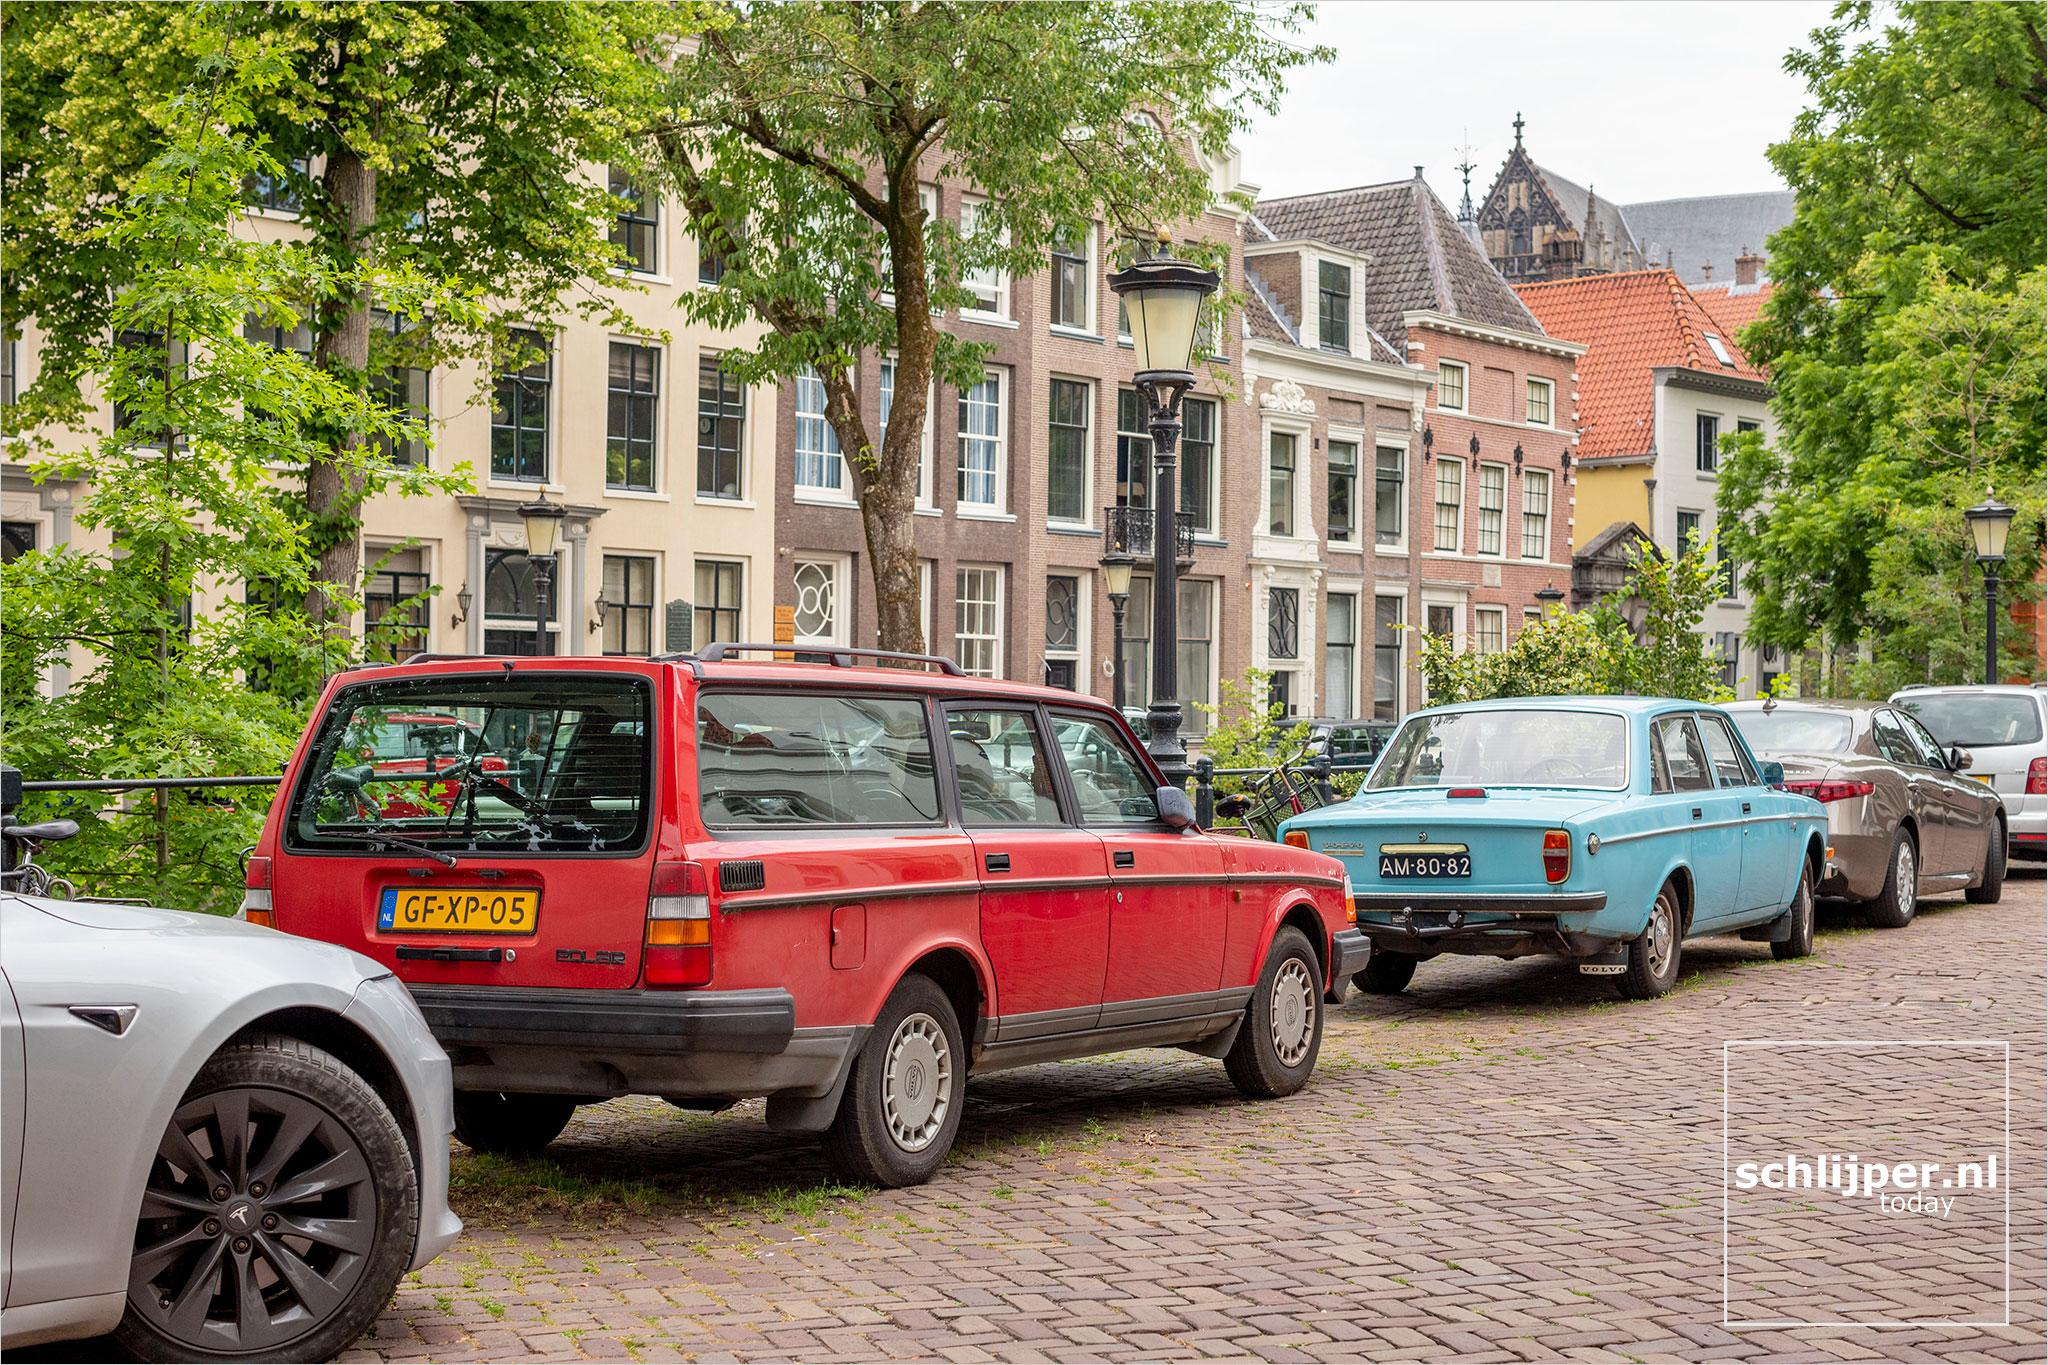 The Netherlands, Utrecht, 28 juni 2021